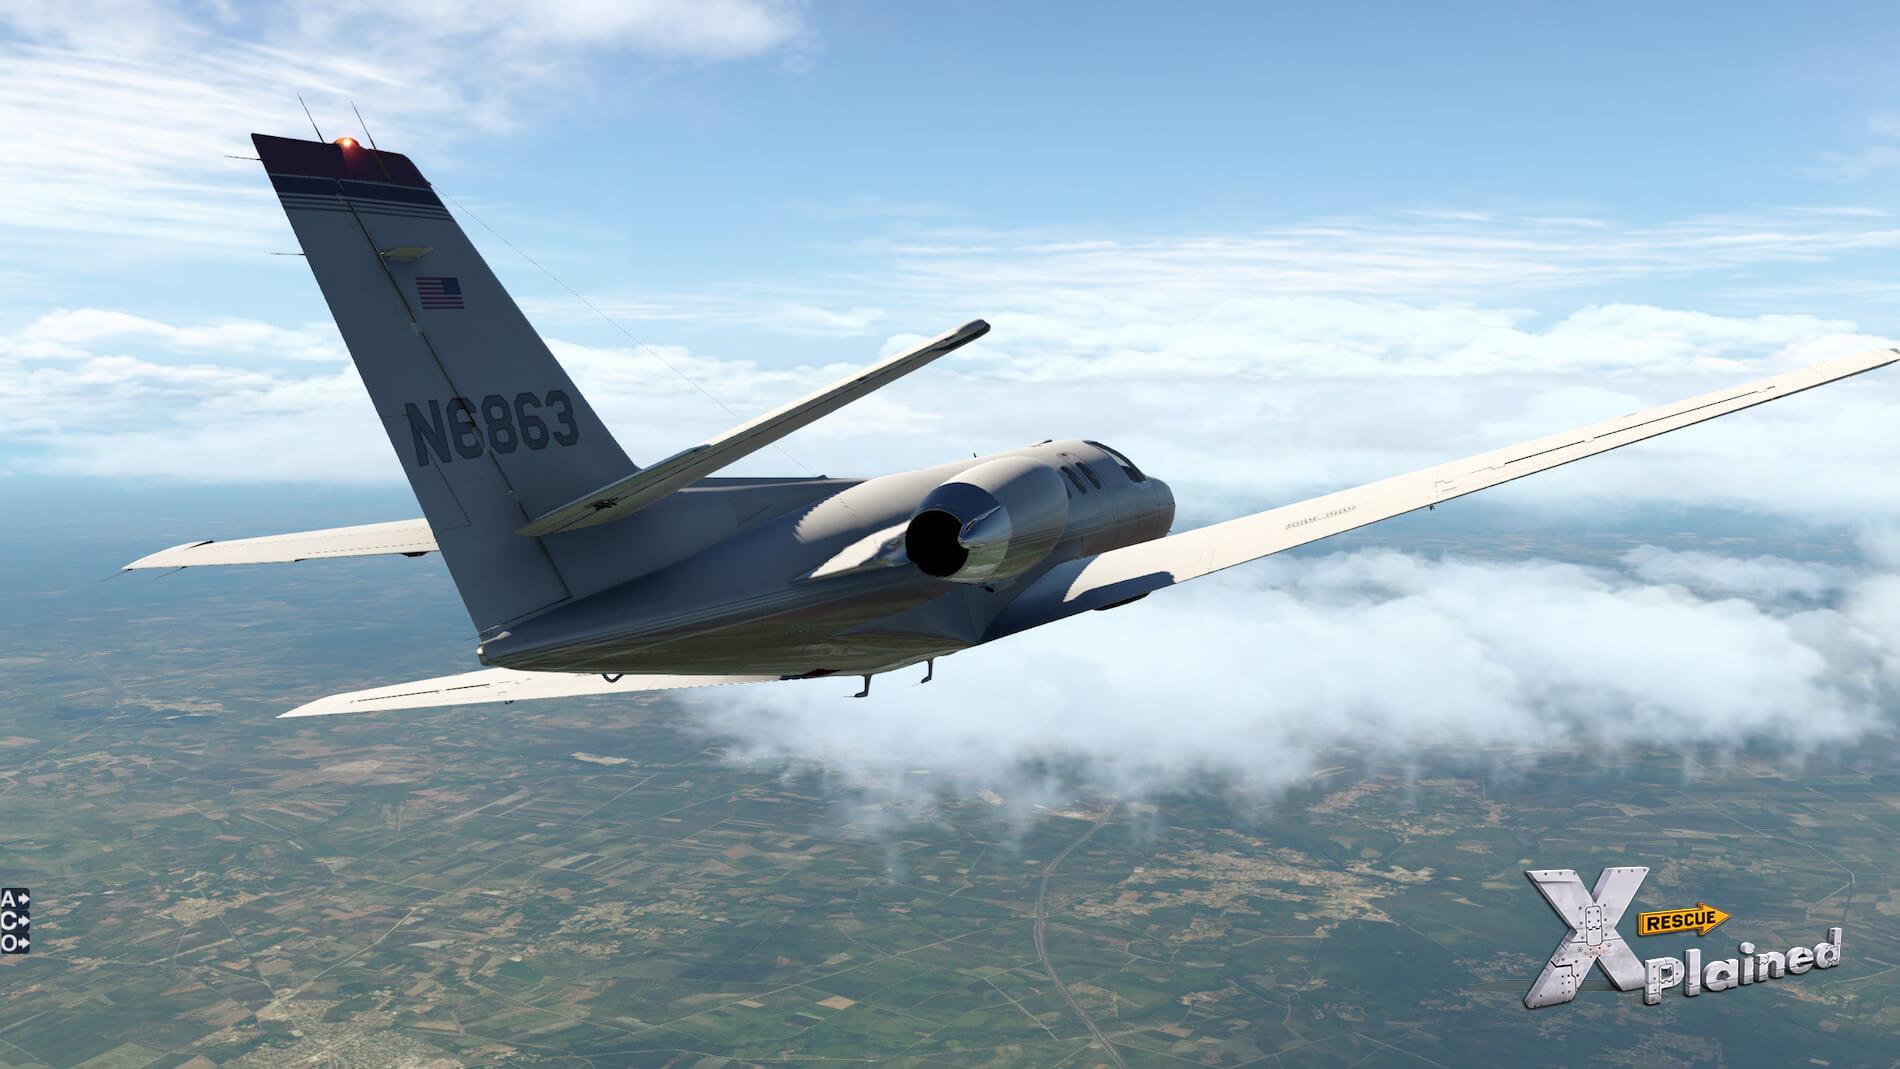 S550_Citation_II_9